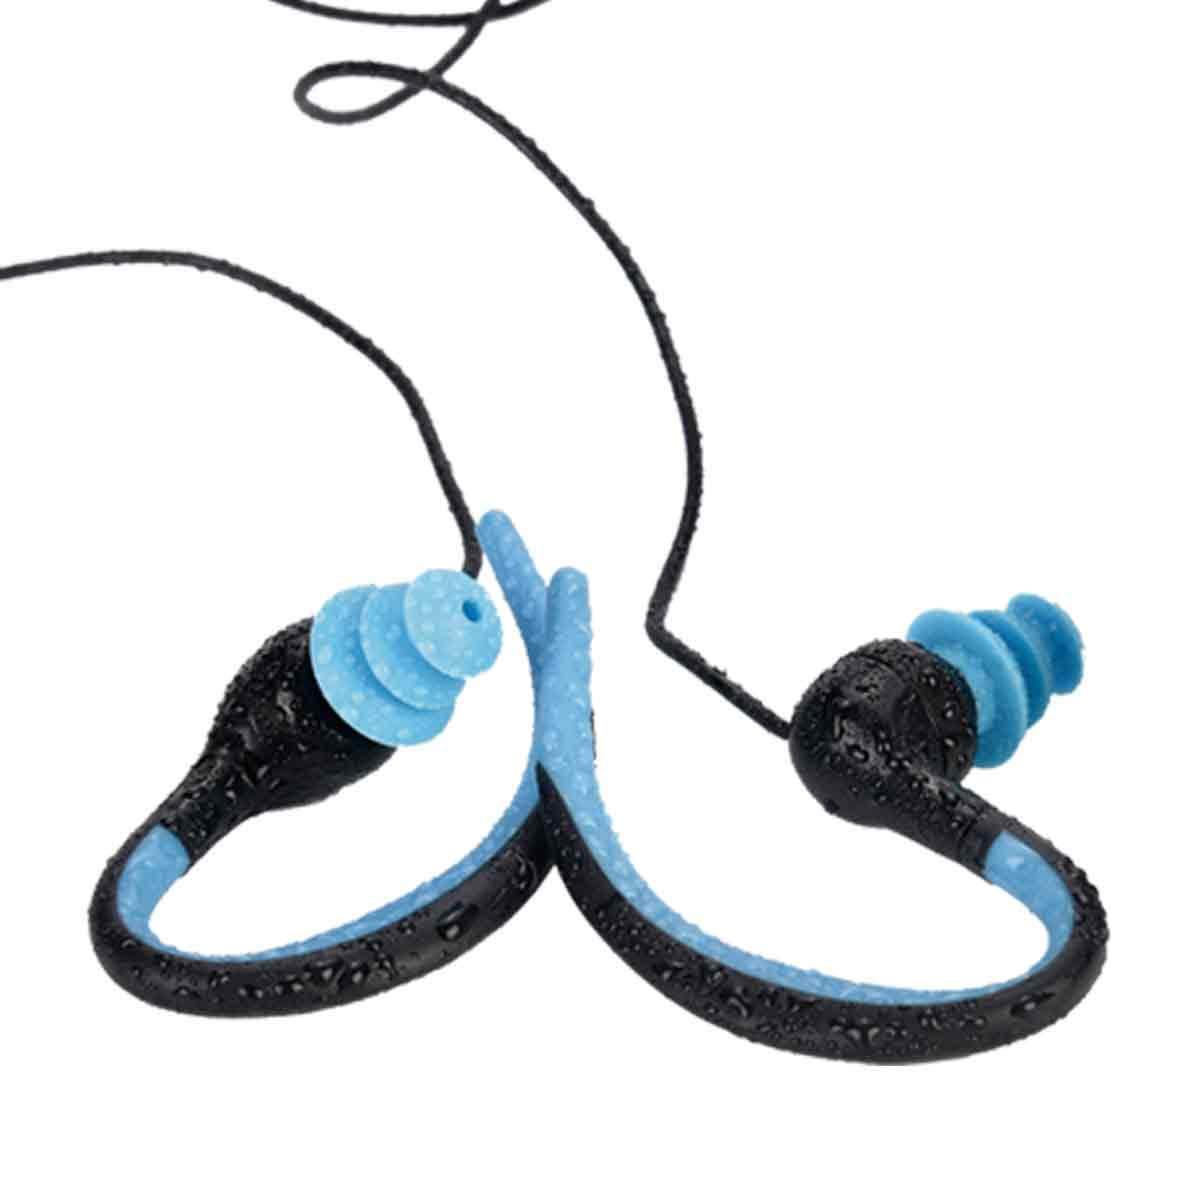 Auriculares submarinos con Cable Corto Azul HIFI WALKER Reproductor MP3 Impermeable para nataci/ón y Correr funci/ón de Shuffle